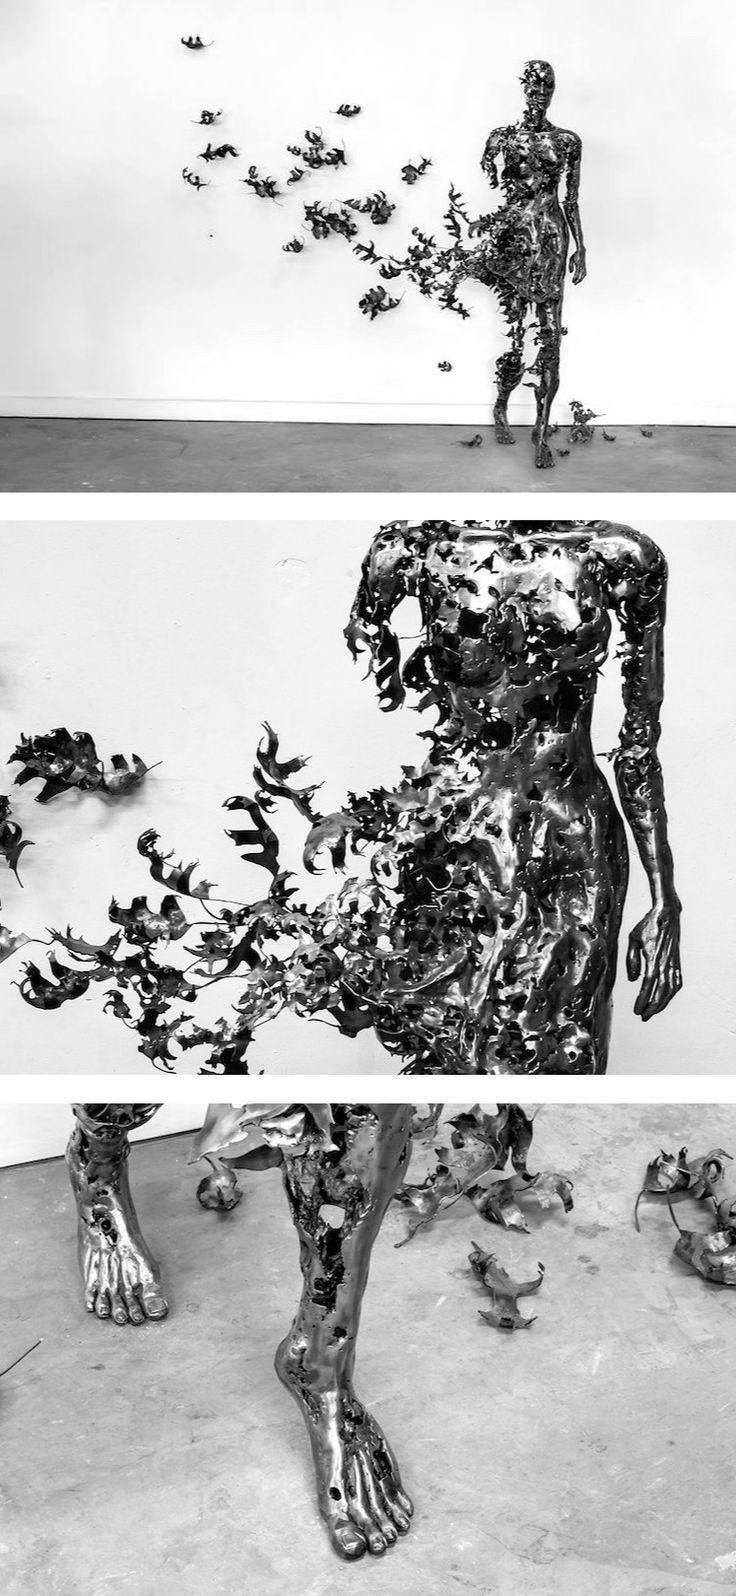 Steel sculpture by artist Regardt van der Meulen // contemporary art // modern sculpture // modern art // surreal art